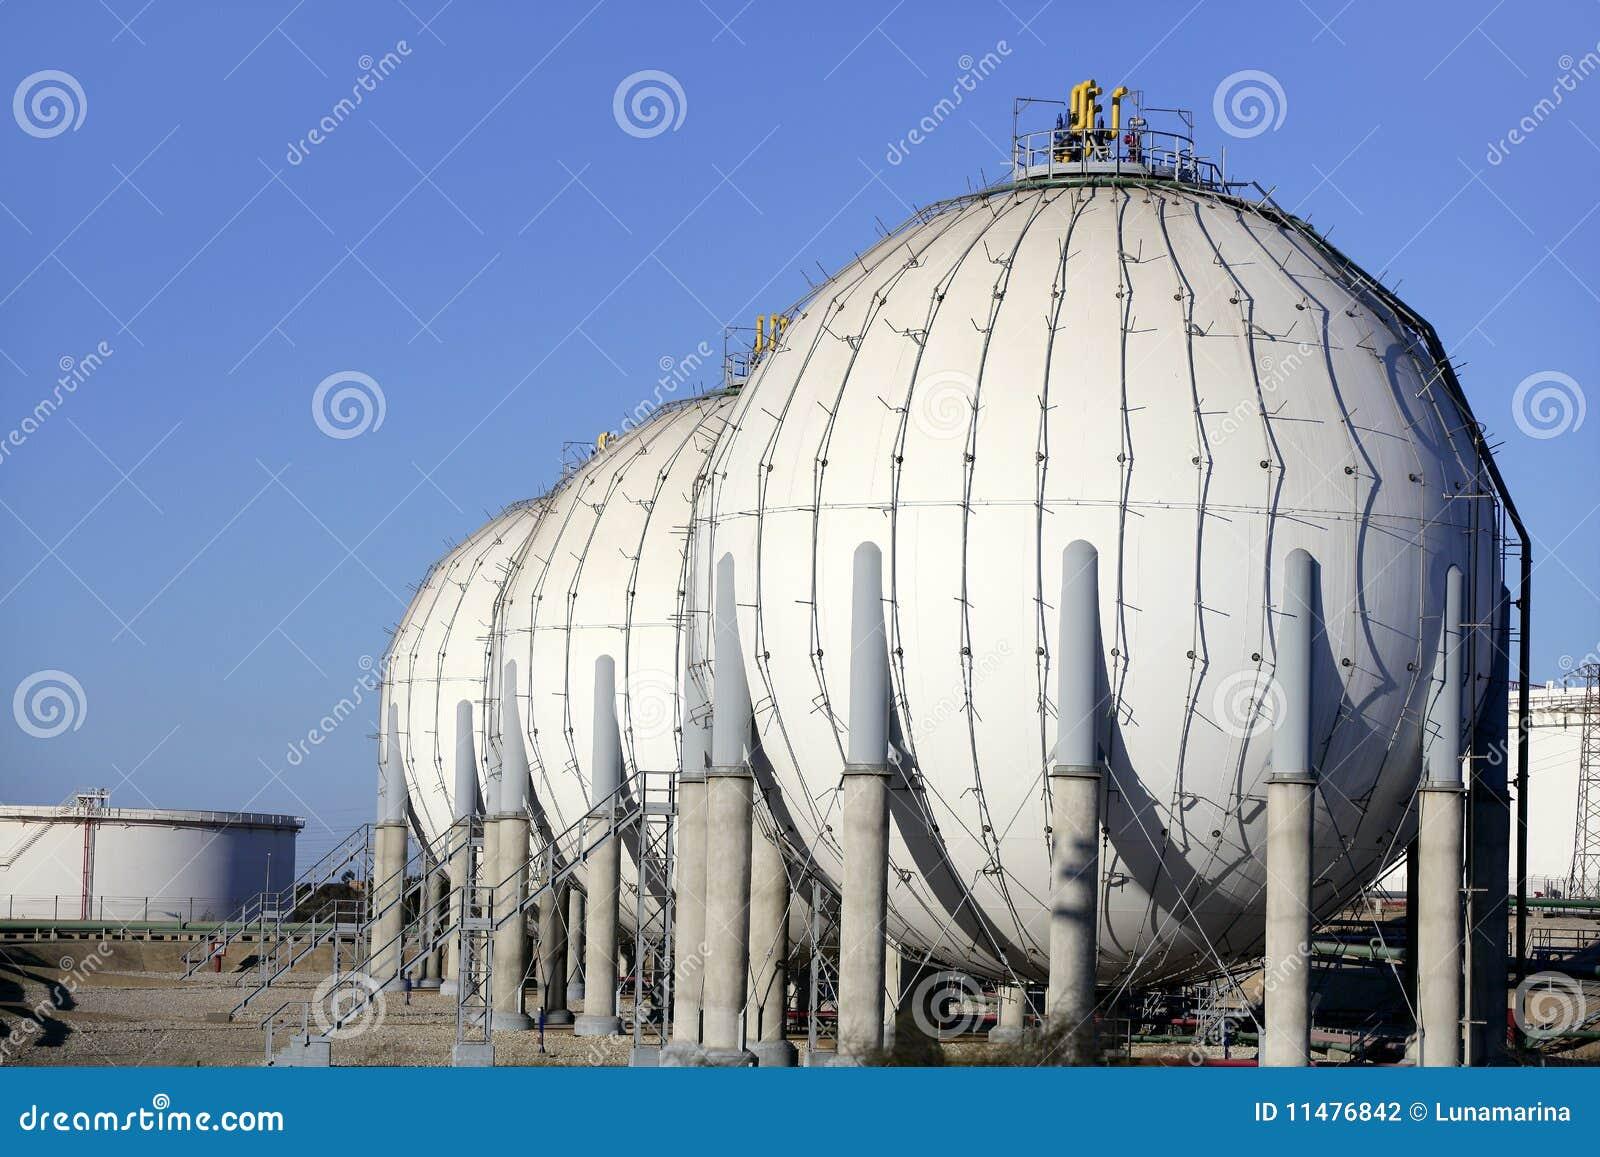 Industria de petróleo química grande del envase de la gasolina del tanque